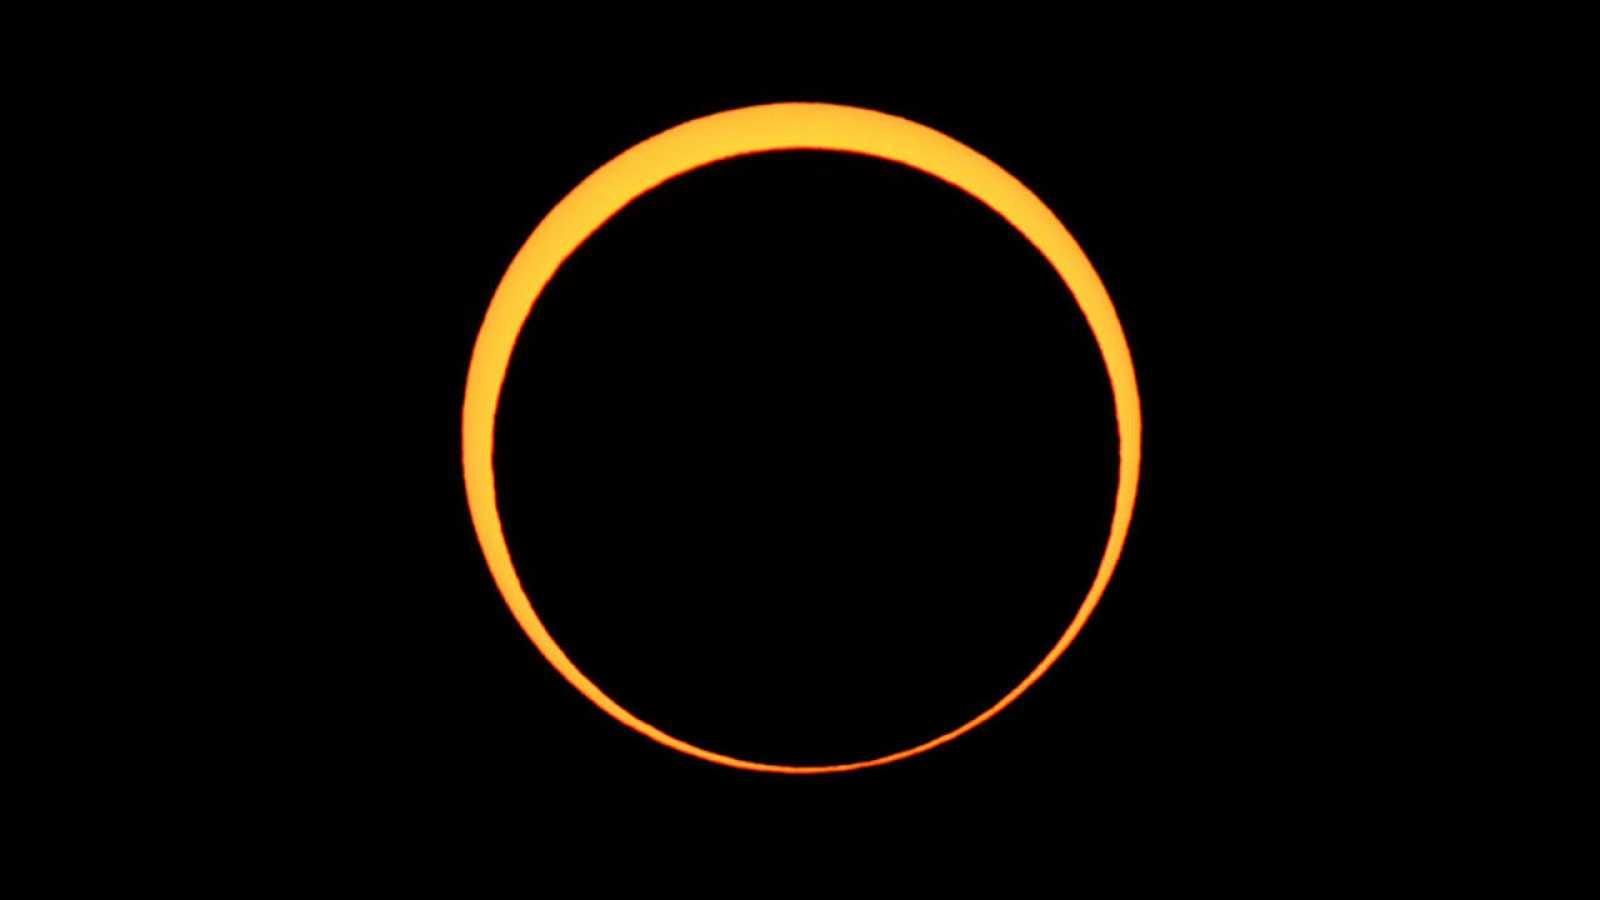 Septiembre comienza con un eclipse anular de sol, visible en Canarias